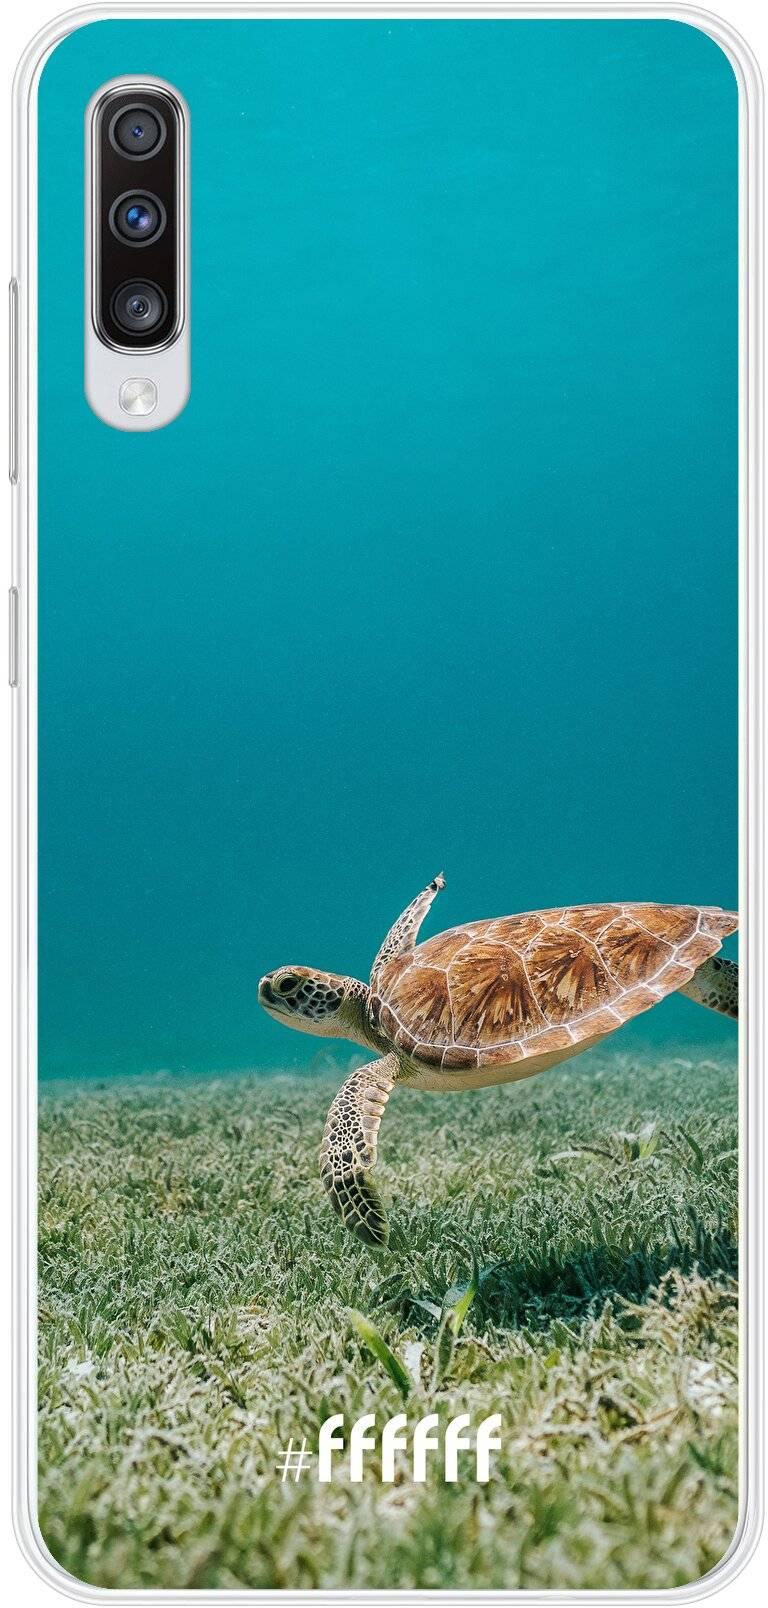 Turtle Galaxy A70